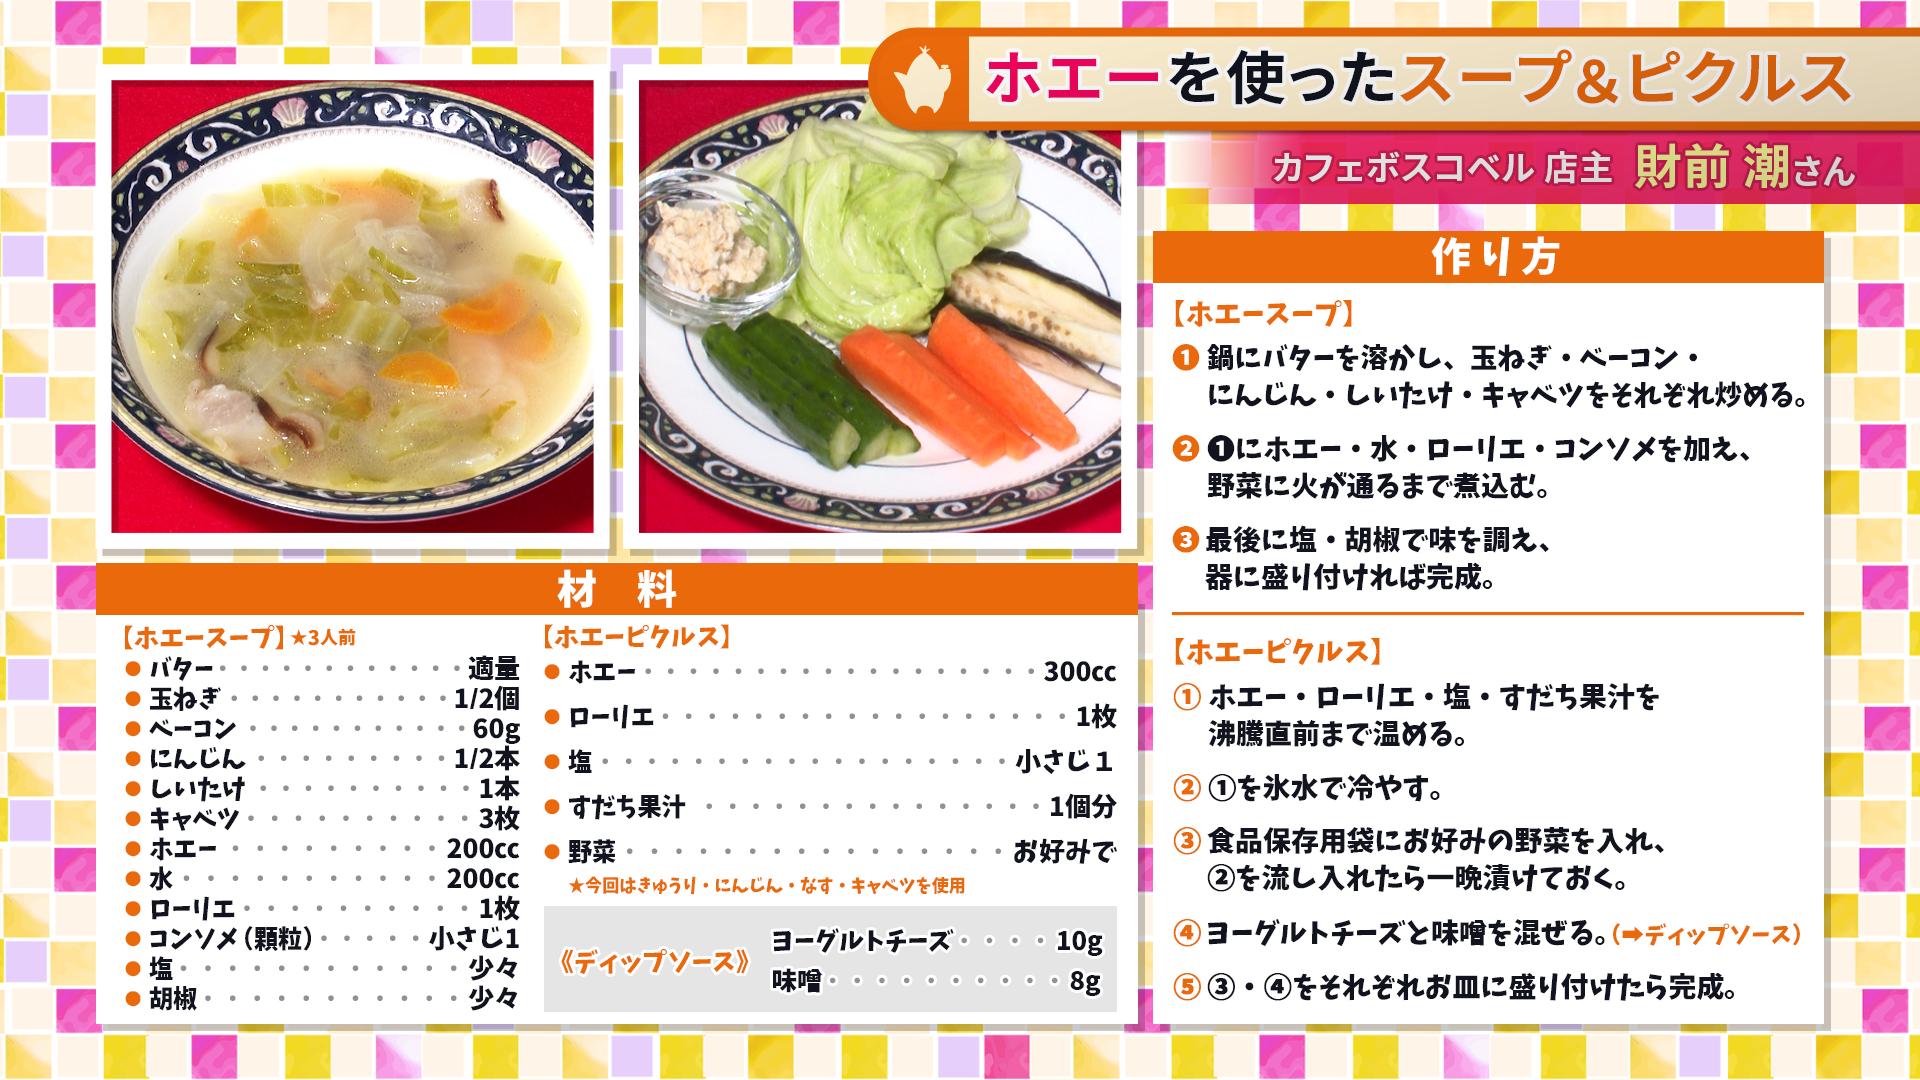 たけナビ『ホエーを使ったスープ&ピクルス』レシピ(11/17初回放送)